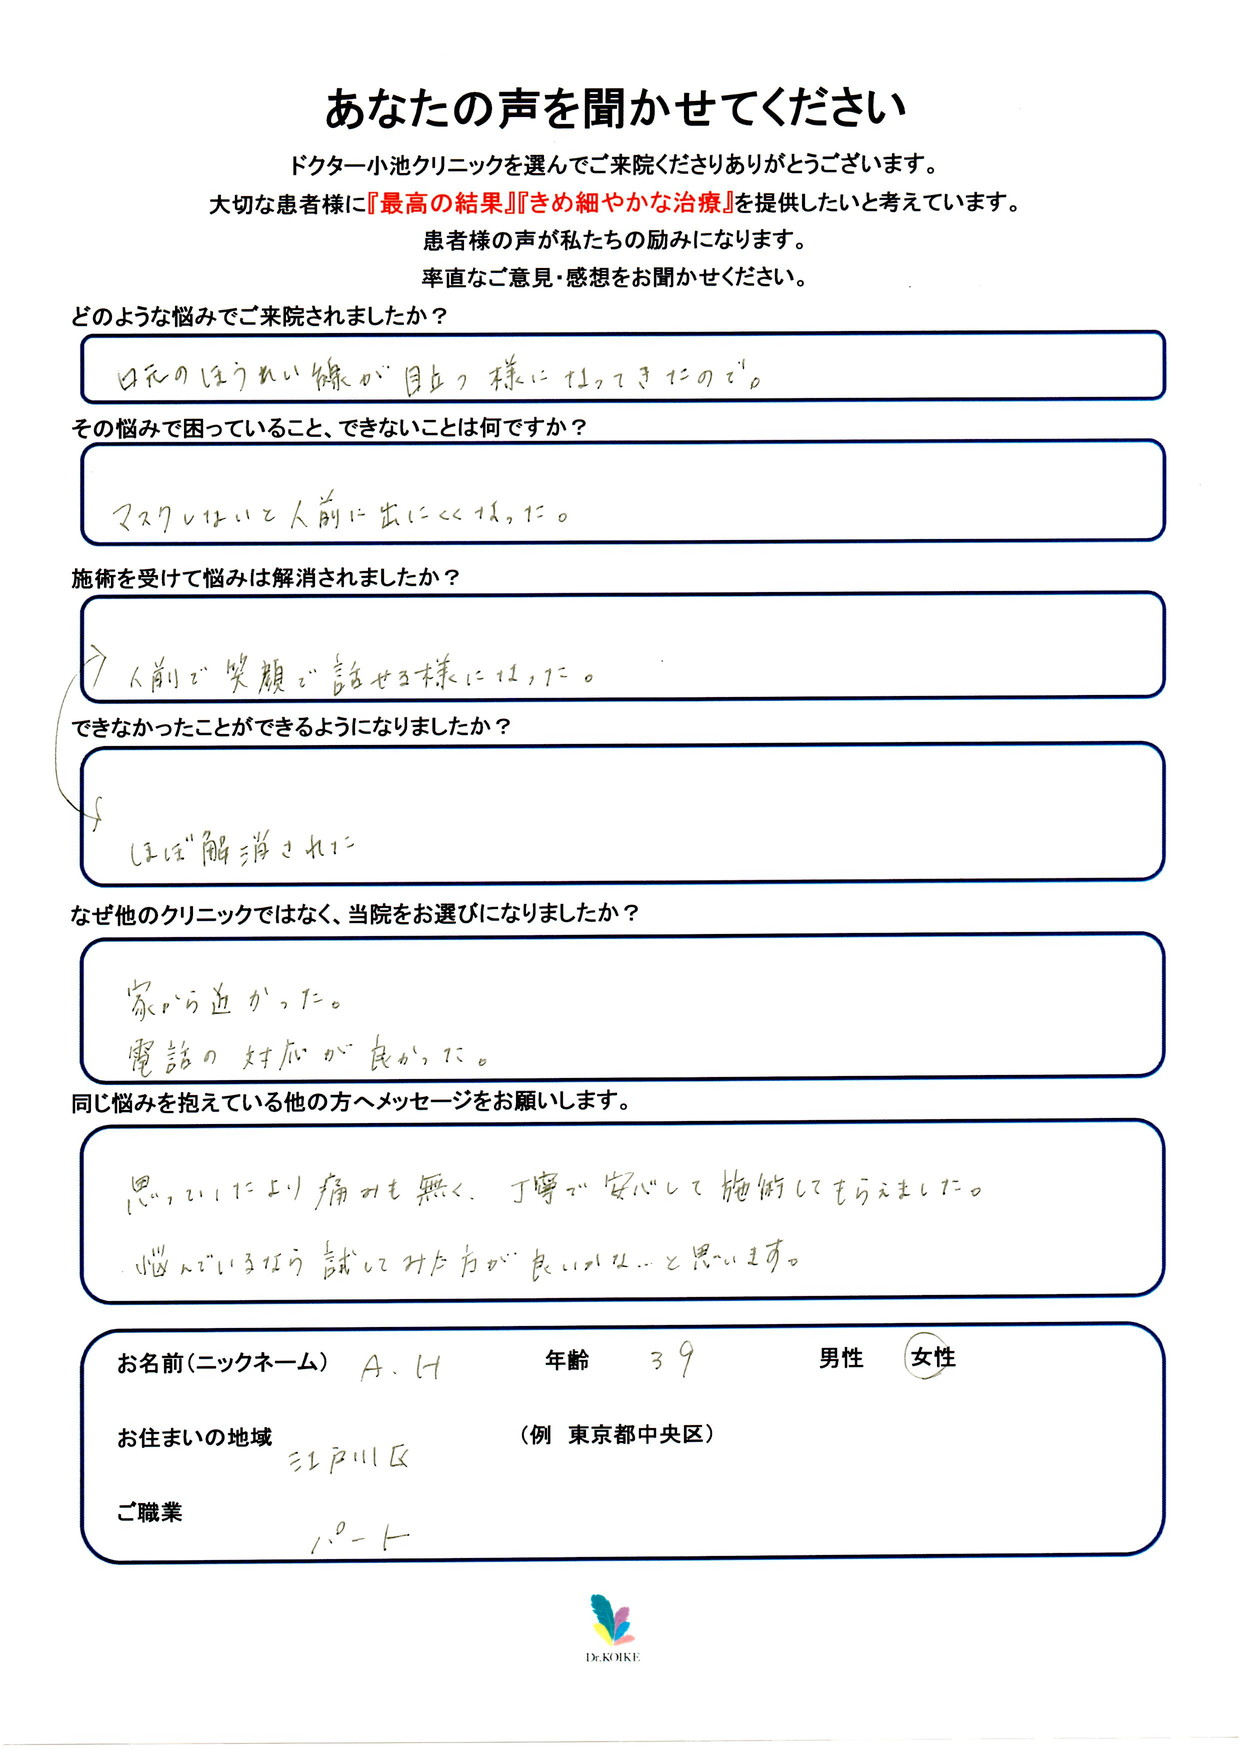 594. シワ・たるみ